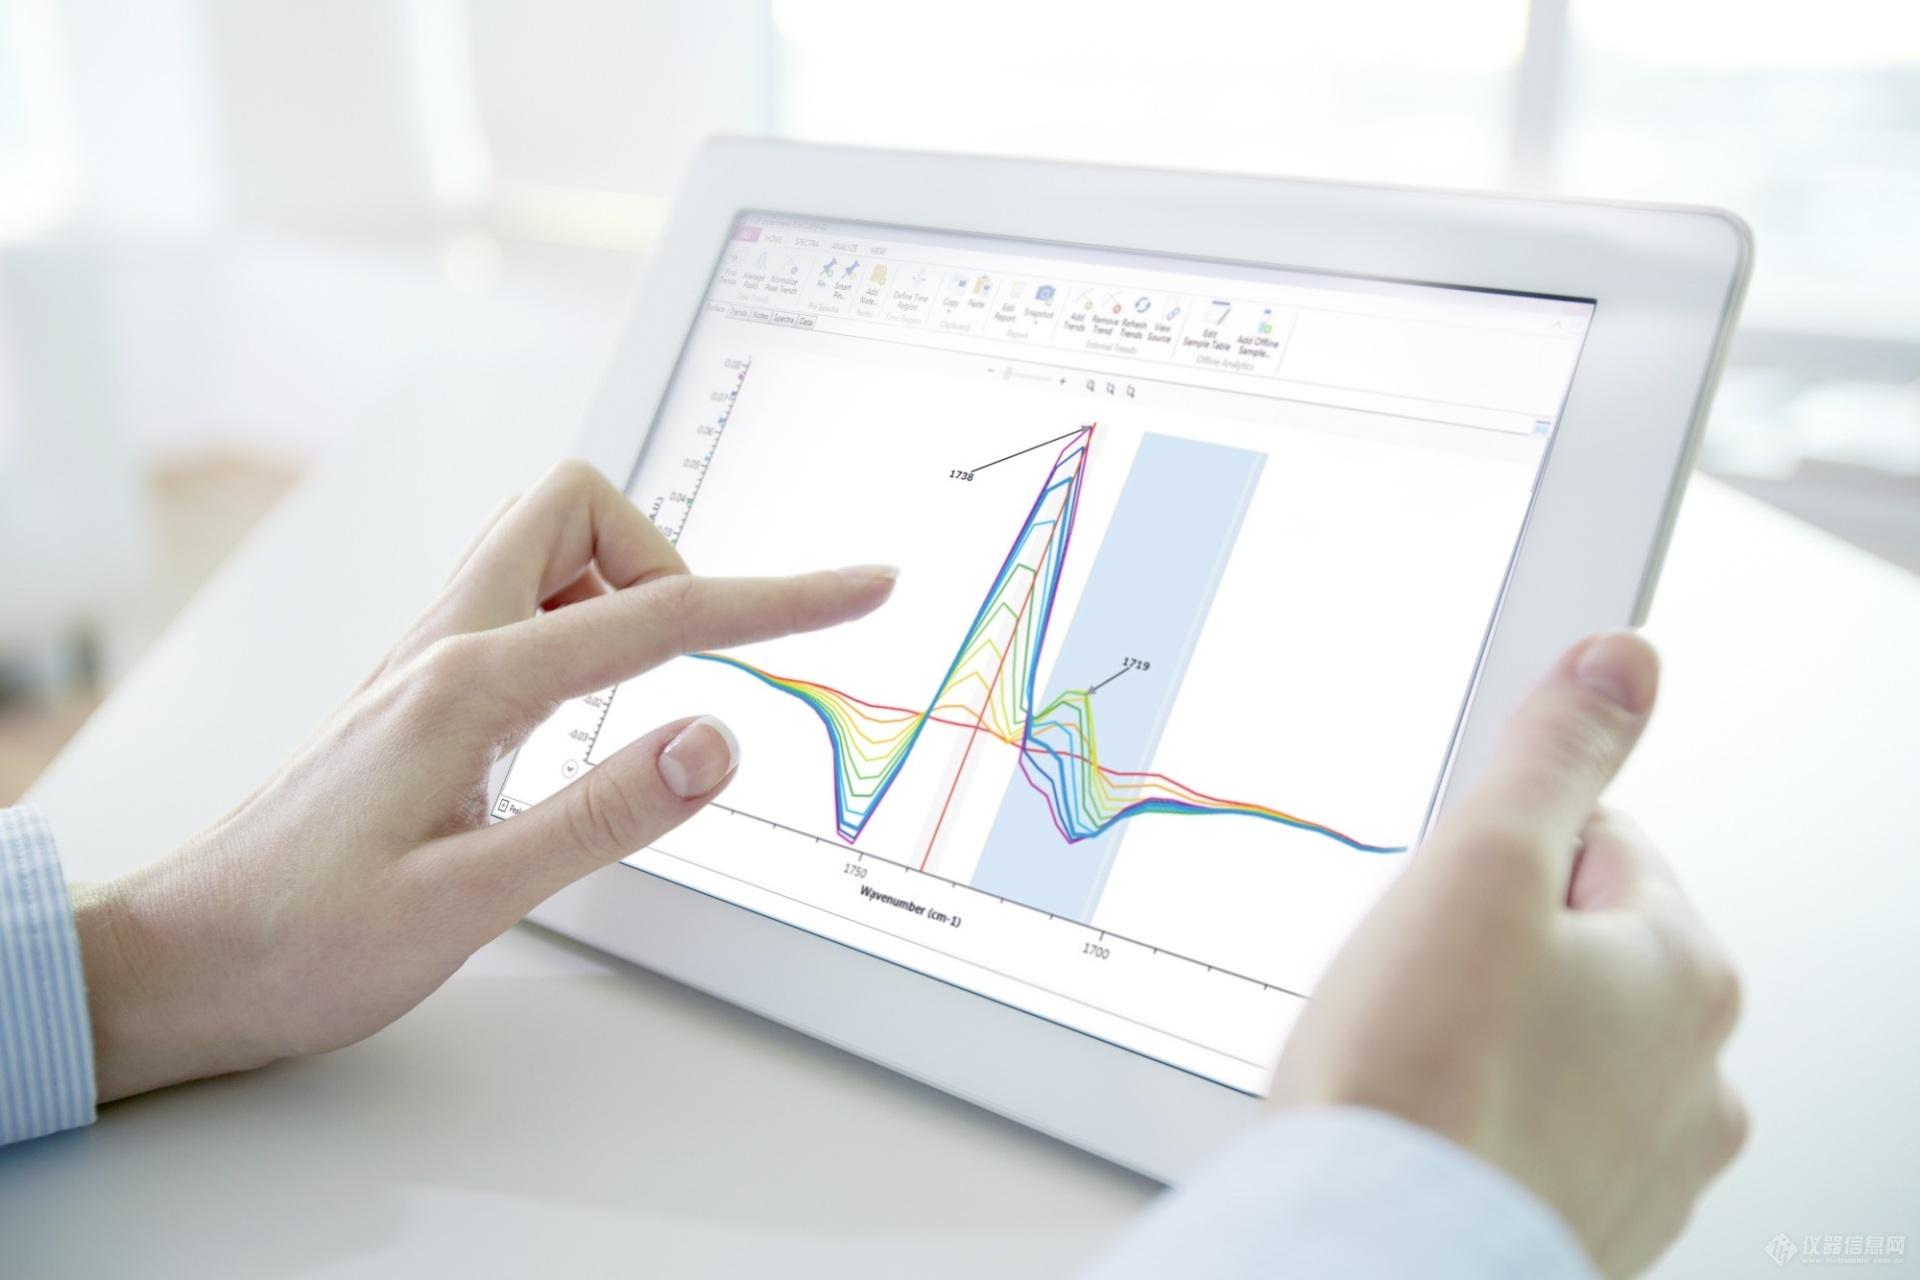 Touchscreen_iCIR_Small Prints_56887.jpg